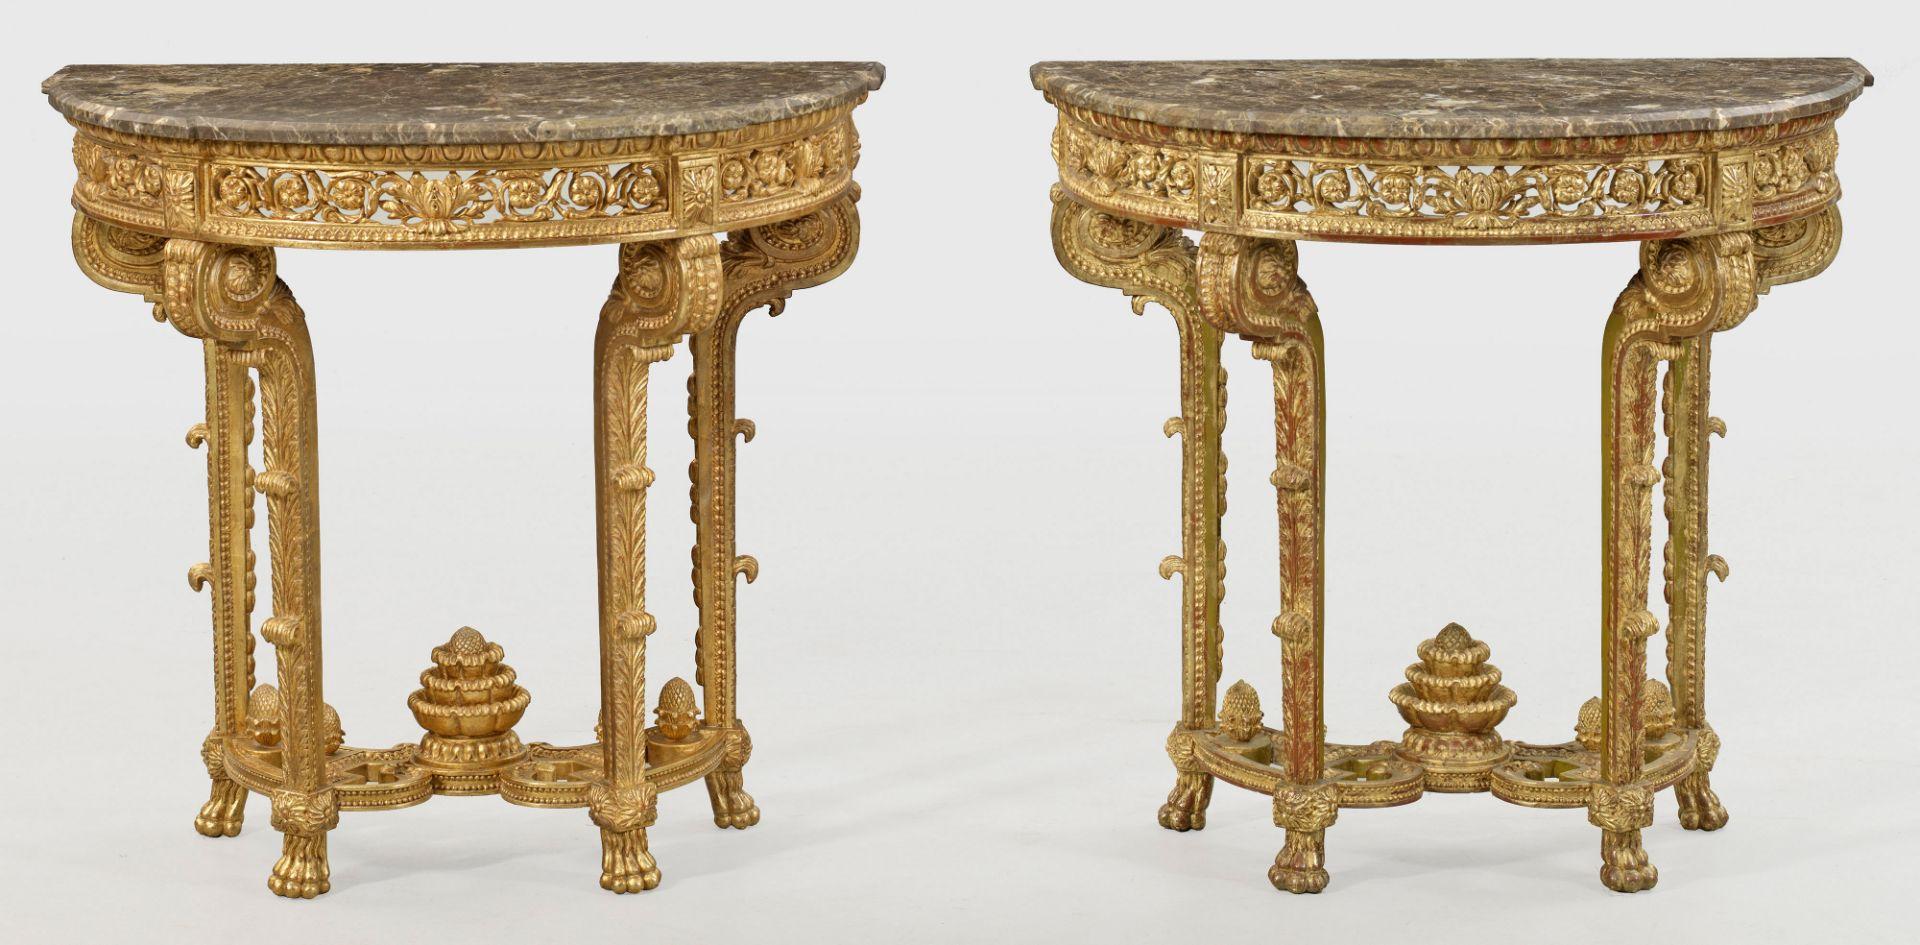 Paar repräsentative Konsoltische im Louis XVI-Stil